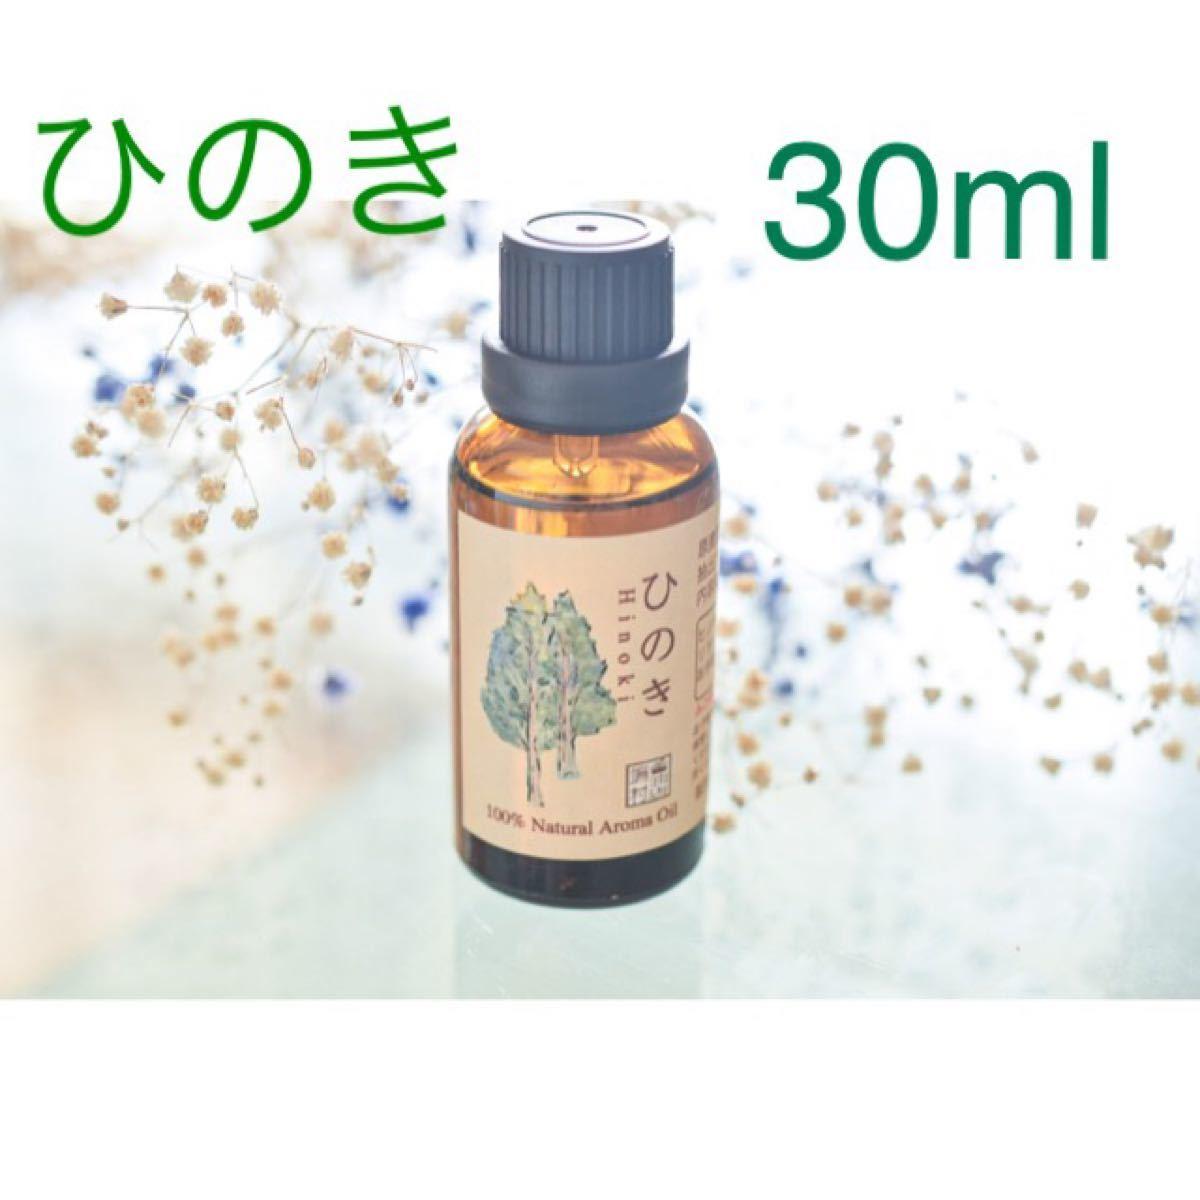 ヒノキ 30ml アロマ用精油エッセンシャルオイル